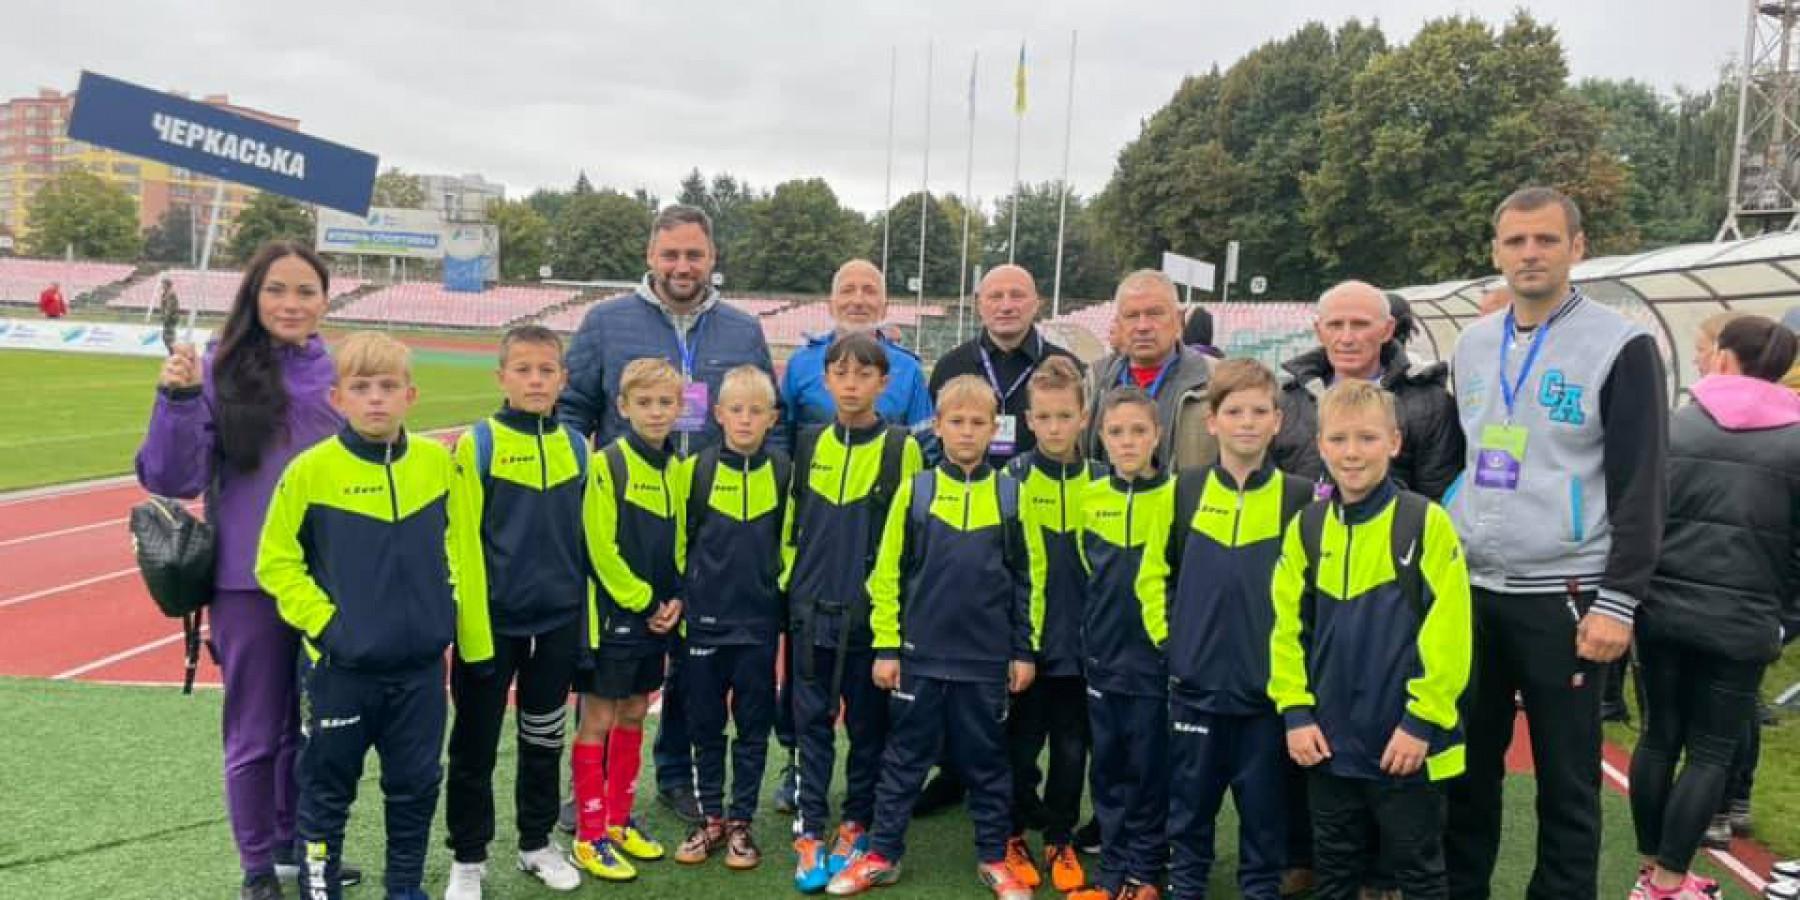 Команда Катеринопільської ДЮСШ представляла Черкаську область на Всеукраїнському турнірі